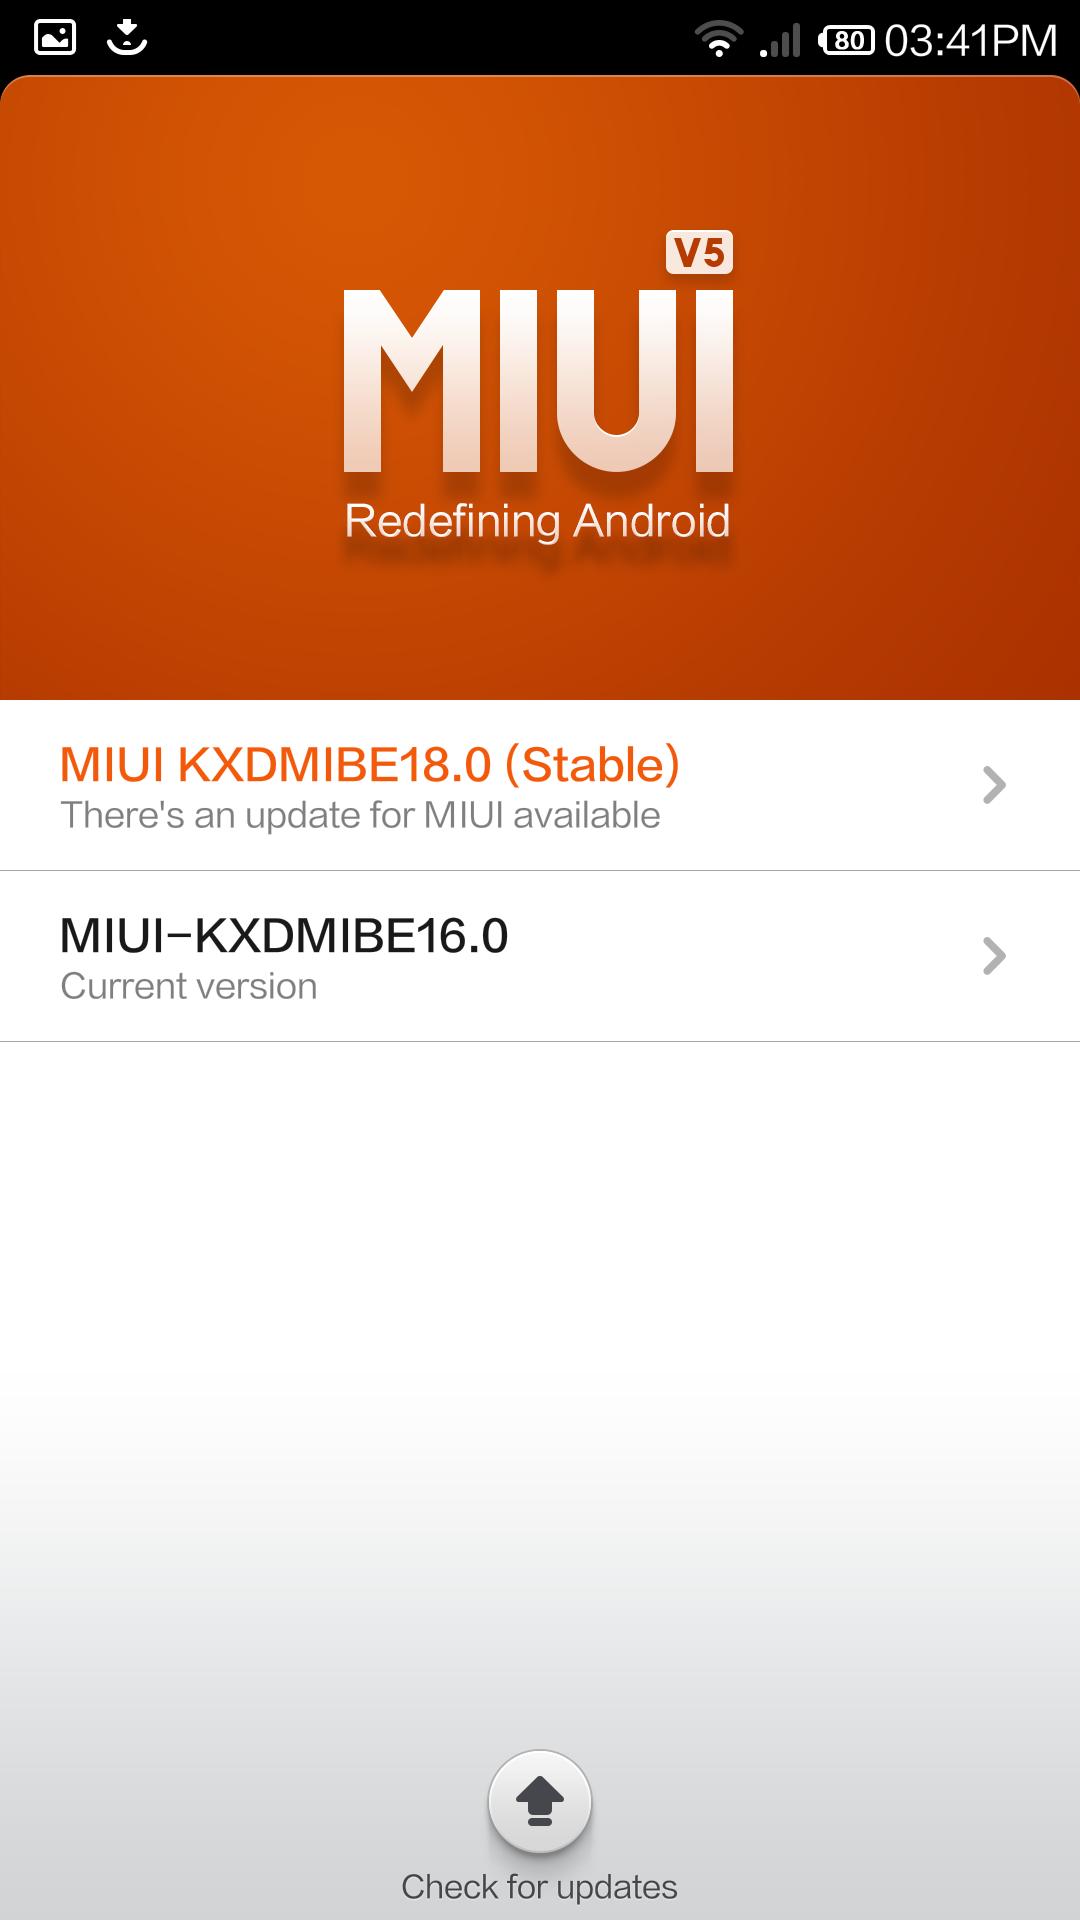 miui update for mi3